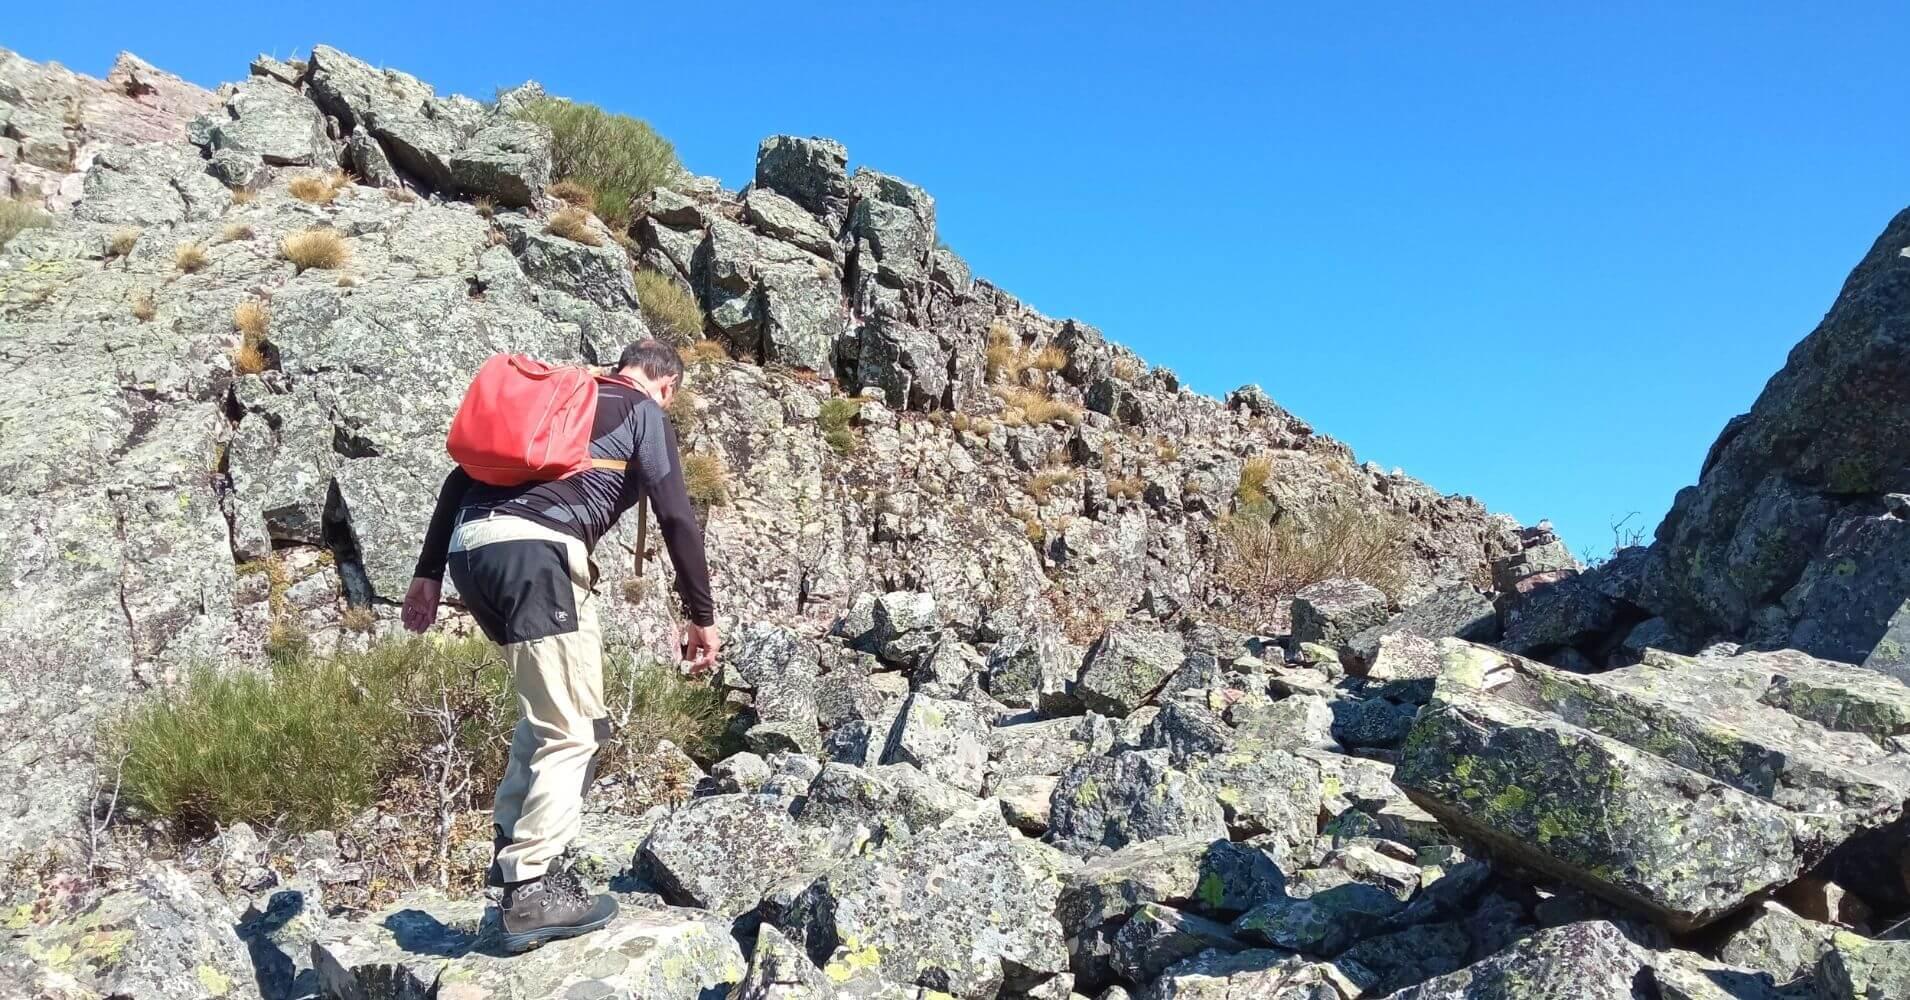 Llegando a la Cumbre del Cerro Vicente 1430m. Las Navillas, Menasalbas, Montes de Toledo. Castilla la Mancha.